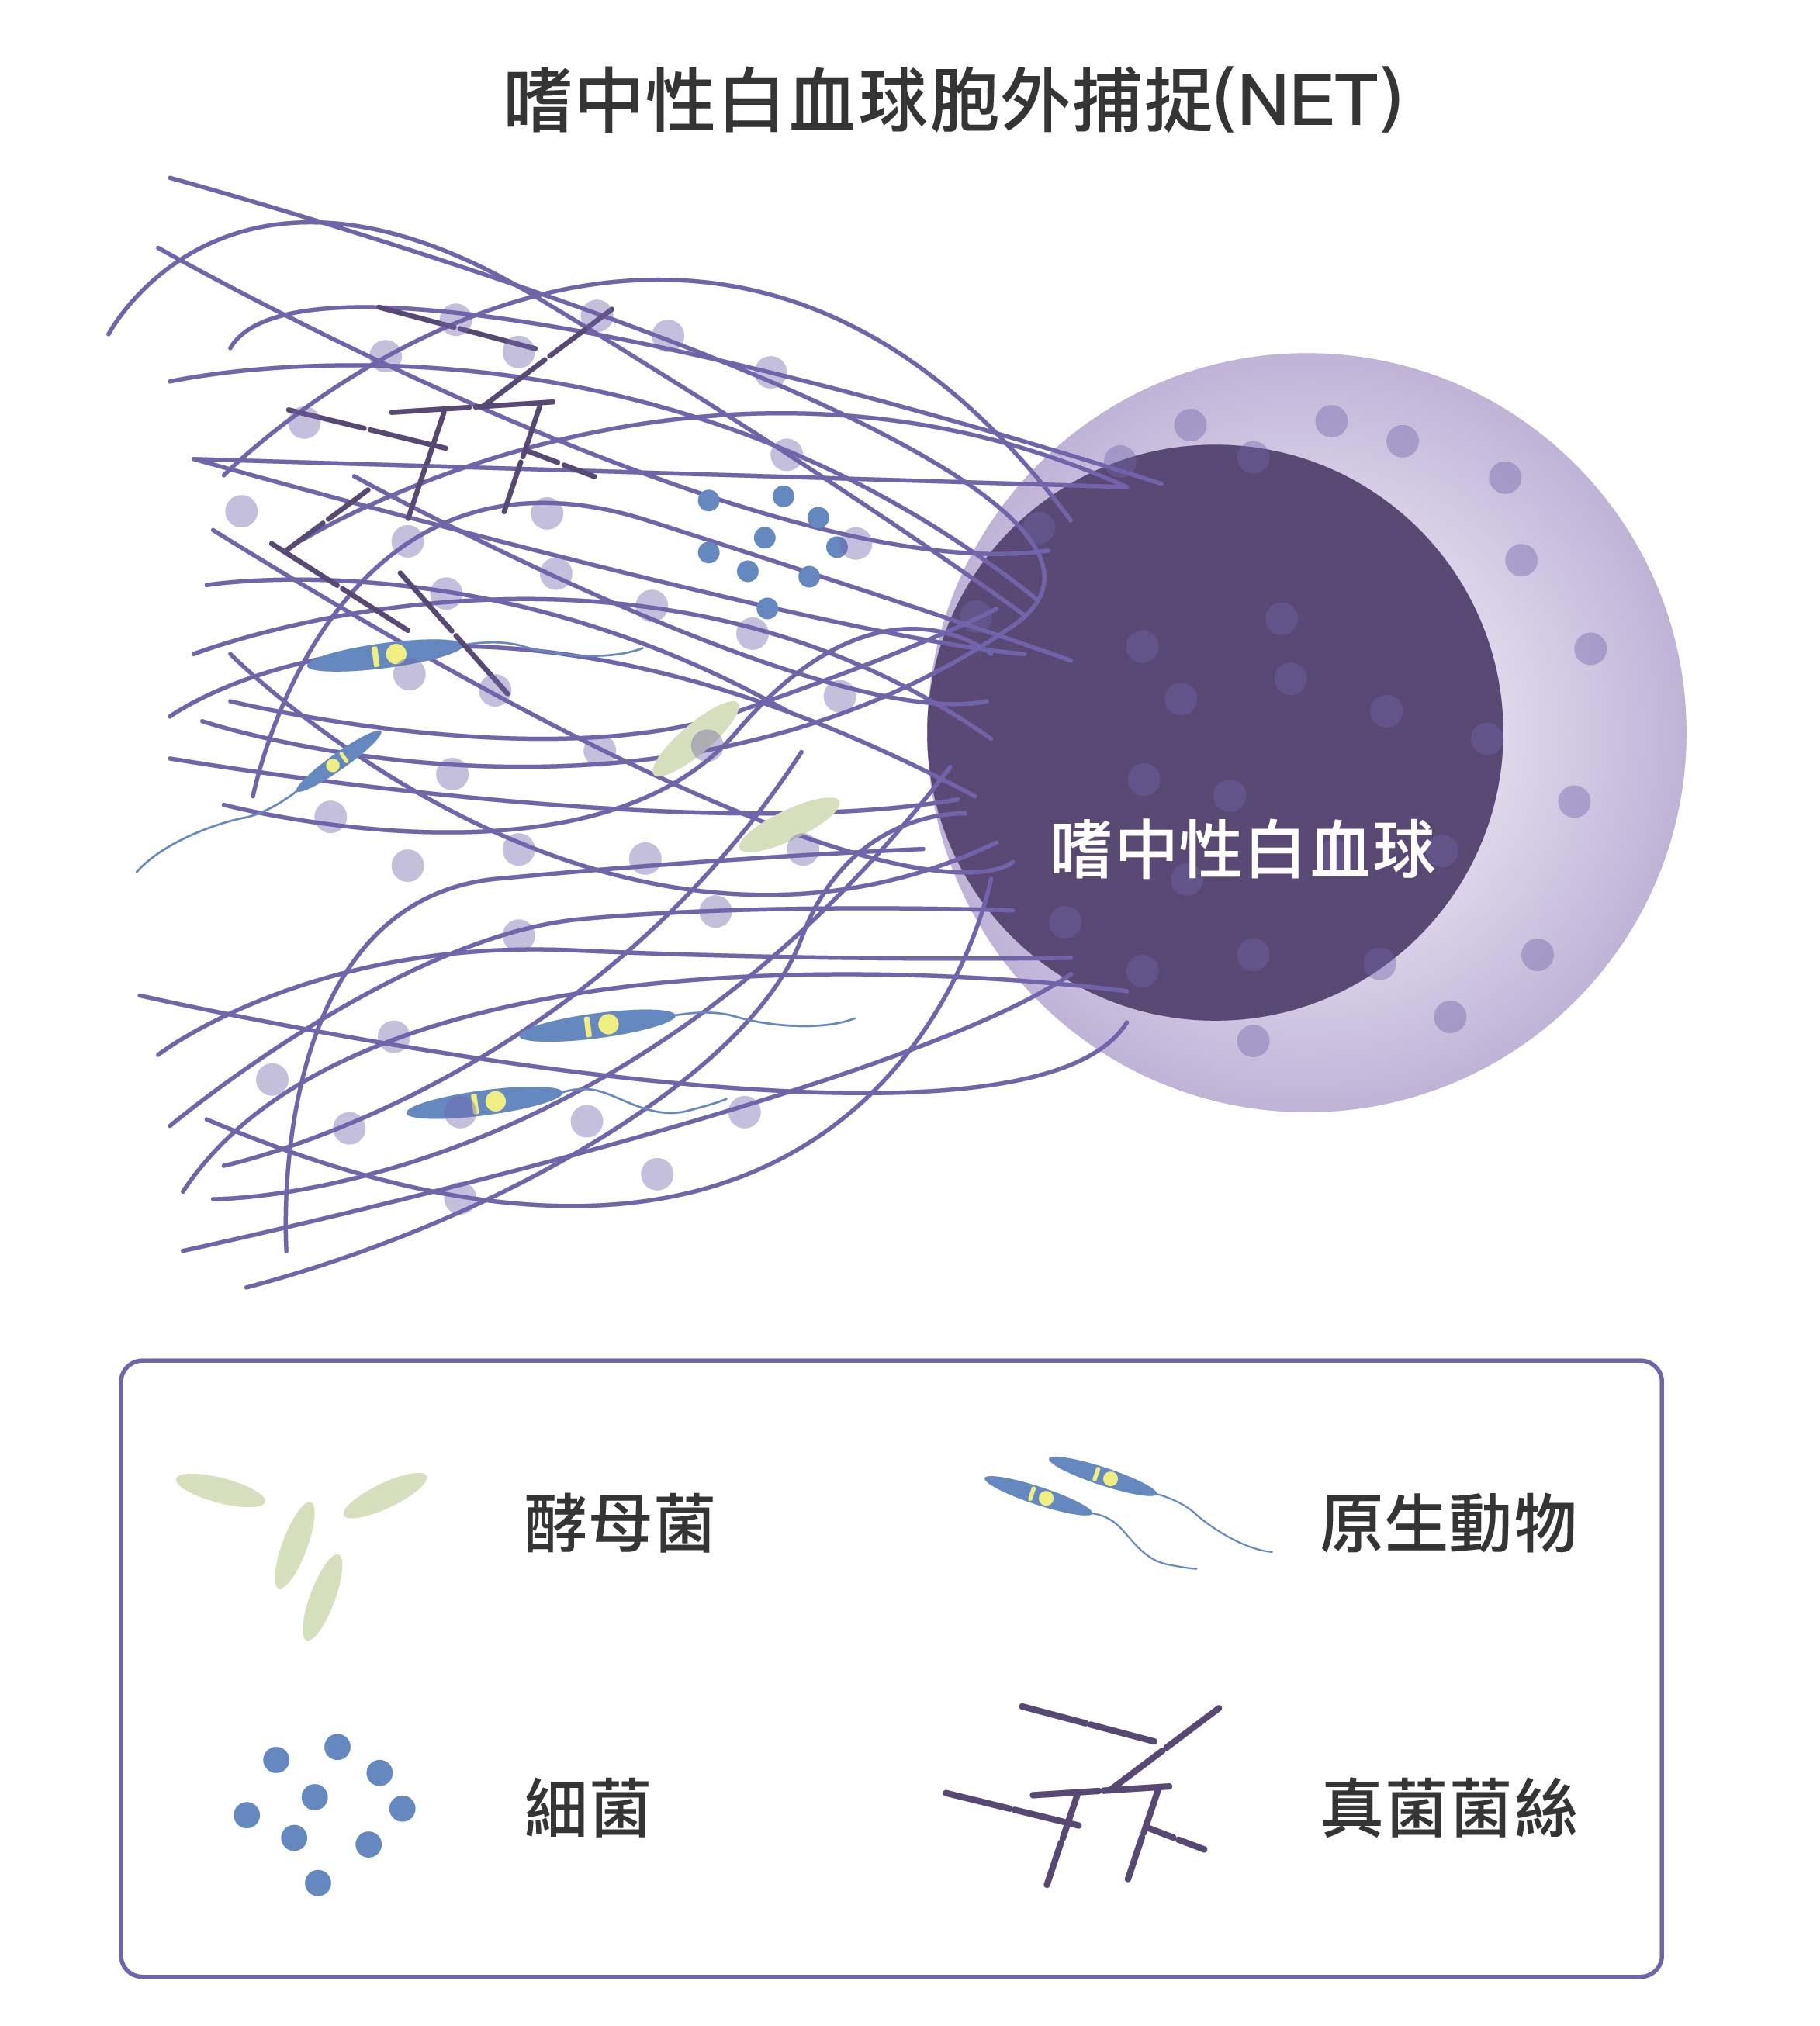 嗜中性球細胞膜破裂,對病原體噴射大量絲狀染色體,高黏性的染色體會困住病原體。同時嗜中性球體內的免疫蛋隨之釋出,消滅病原體。此時嗜中性球也隨之死亡。資料來源│NETosis : A Microbicidal Mechanism beyond Cell Death圖說重製│林任遠、張語辰